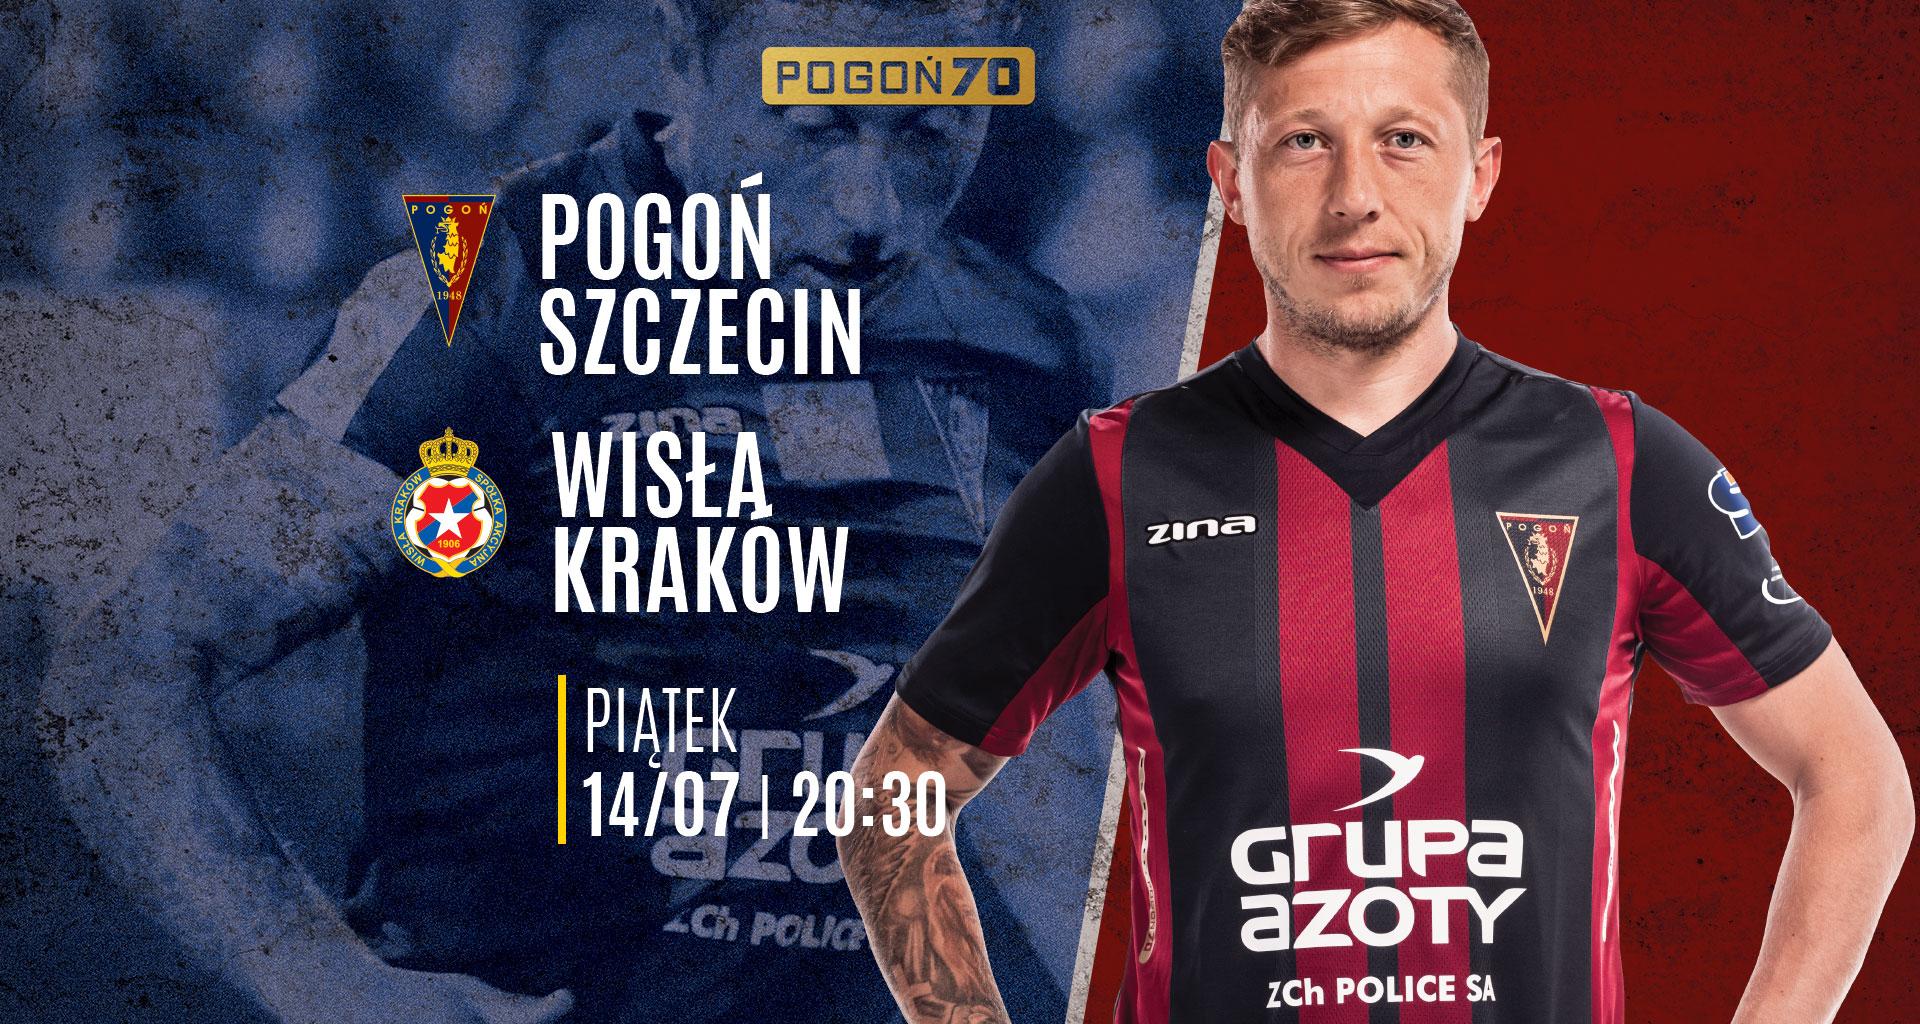 Pogoń Szczecin - Wisła Kraków